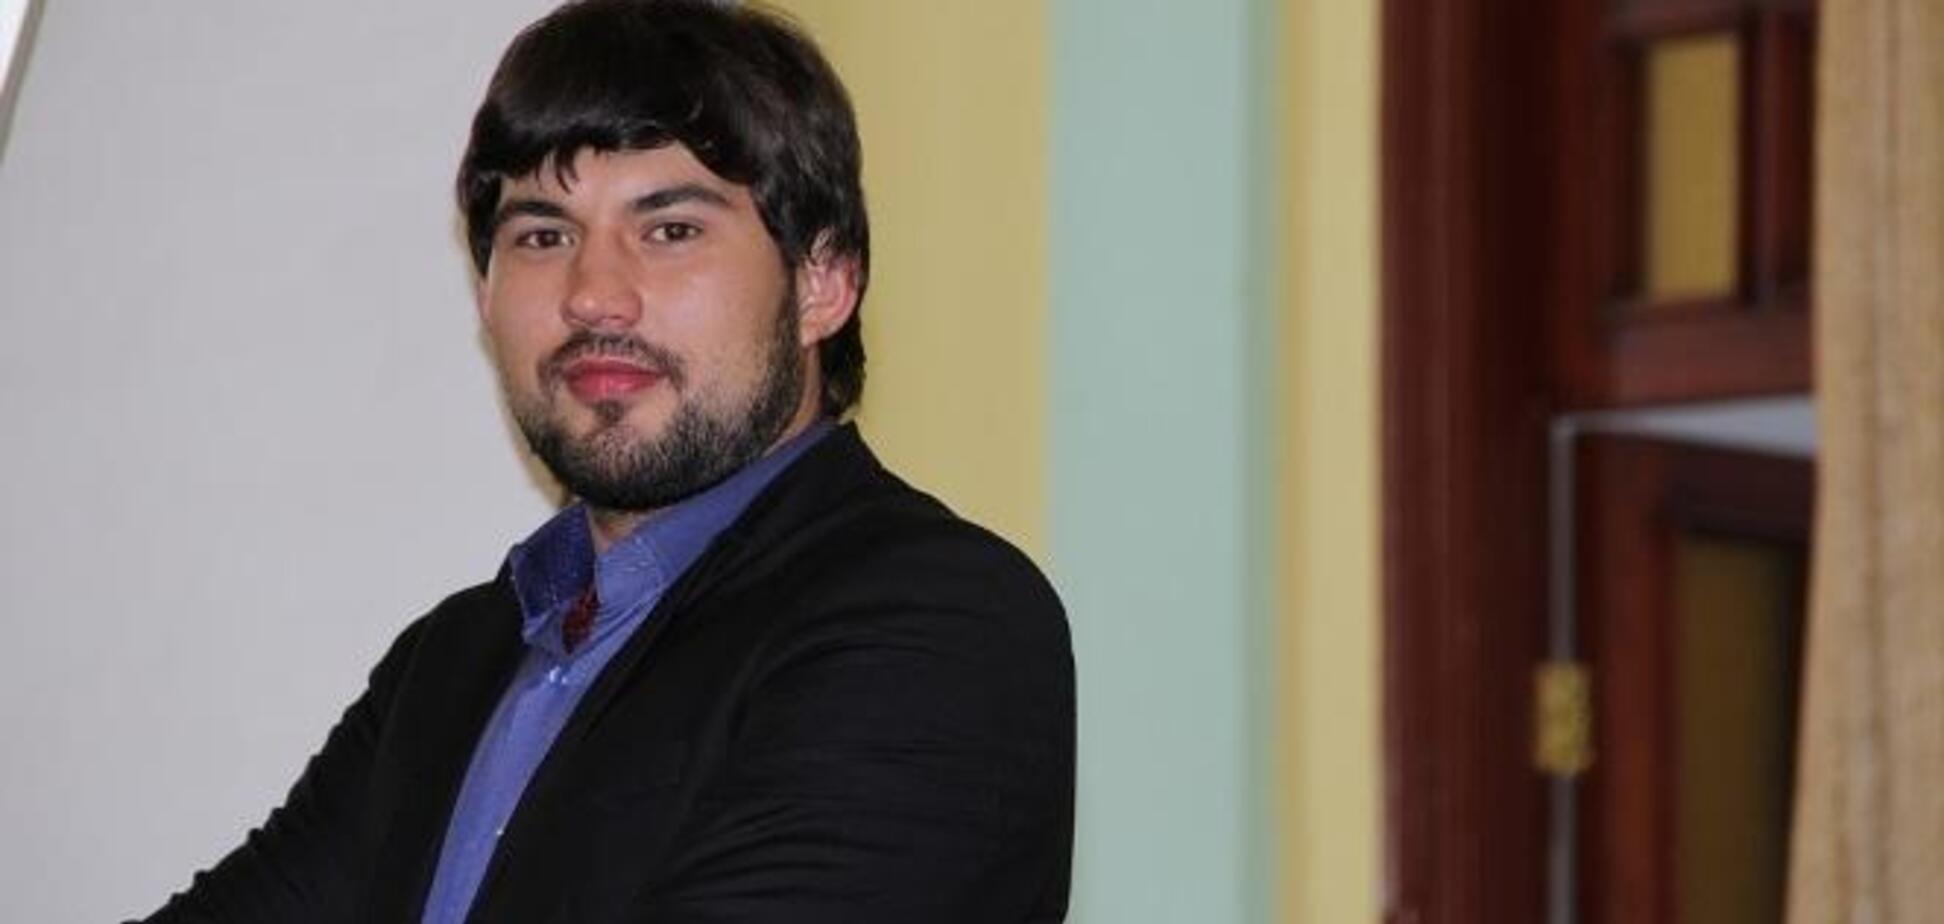 Сына скандального Бари Алибасова жестко избили во время съемок: видео